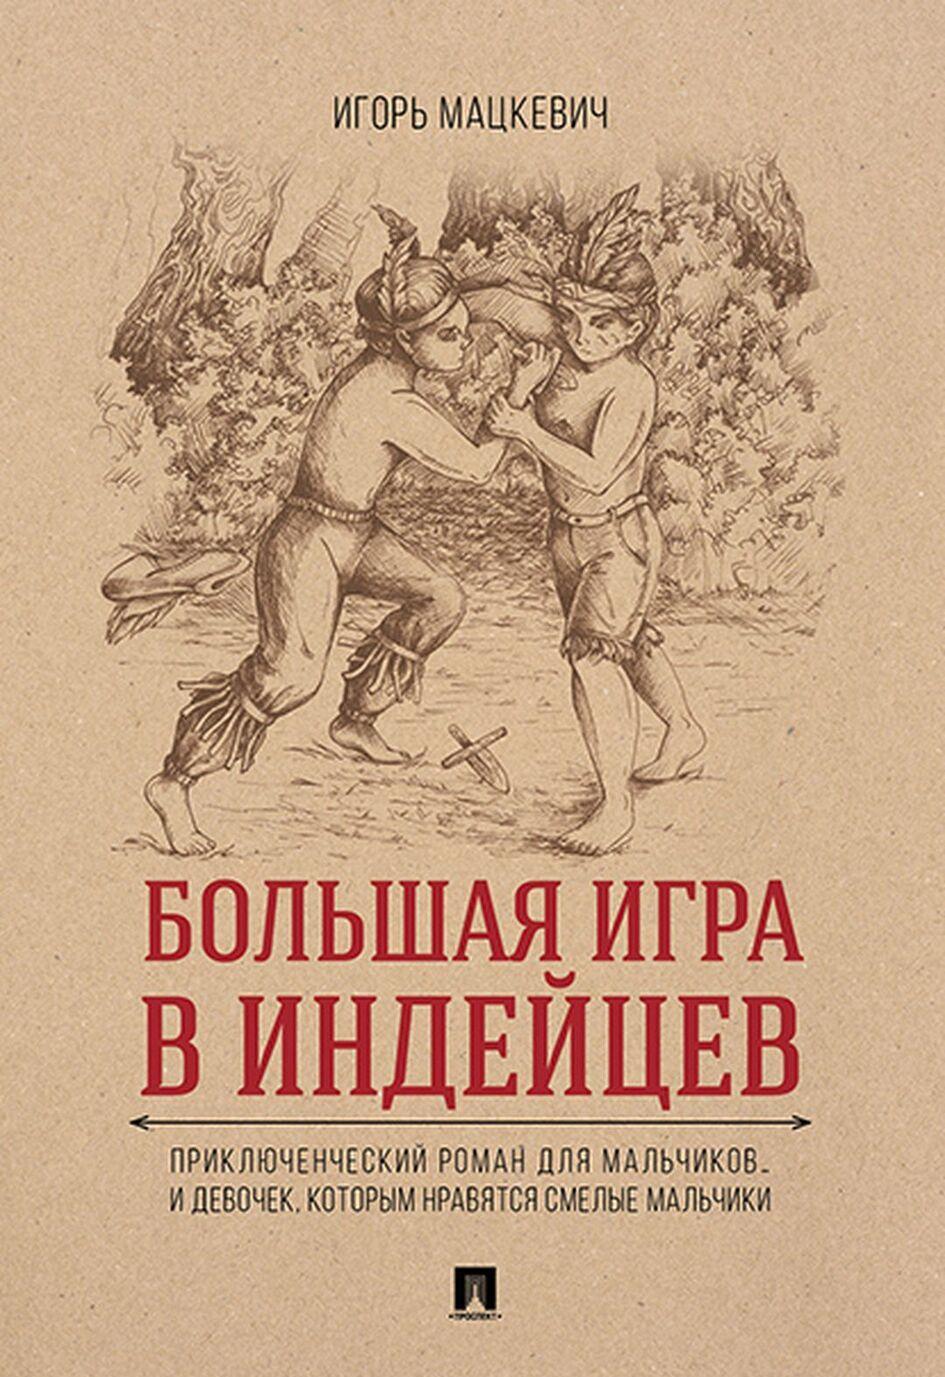 Bolshaja igra v indejtsev : prikljuchencheskij roman dlja malchikov…i devochek, kotorym nravjatsja smelye malchiki.